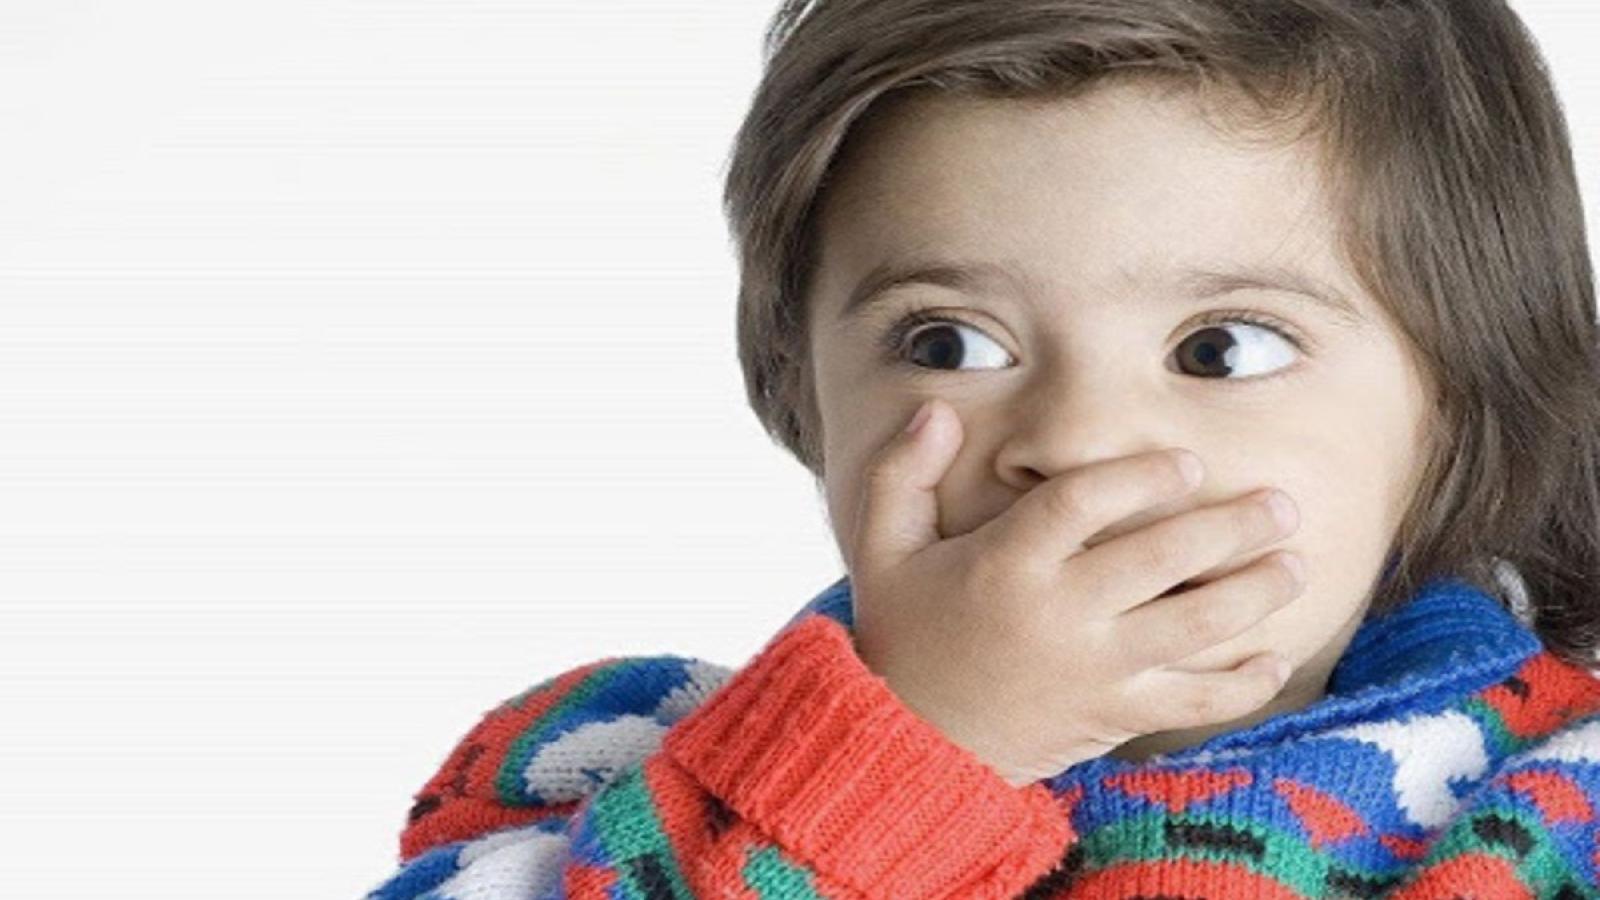 8 nguyên nhân khiến trẻ bị khô miệng và cách xử trí